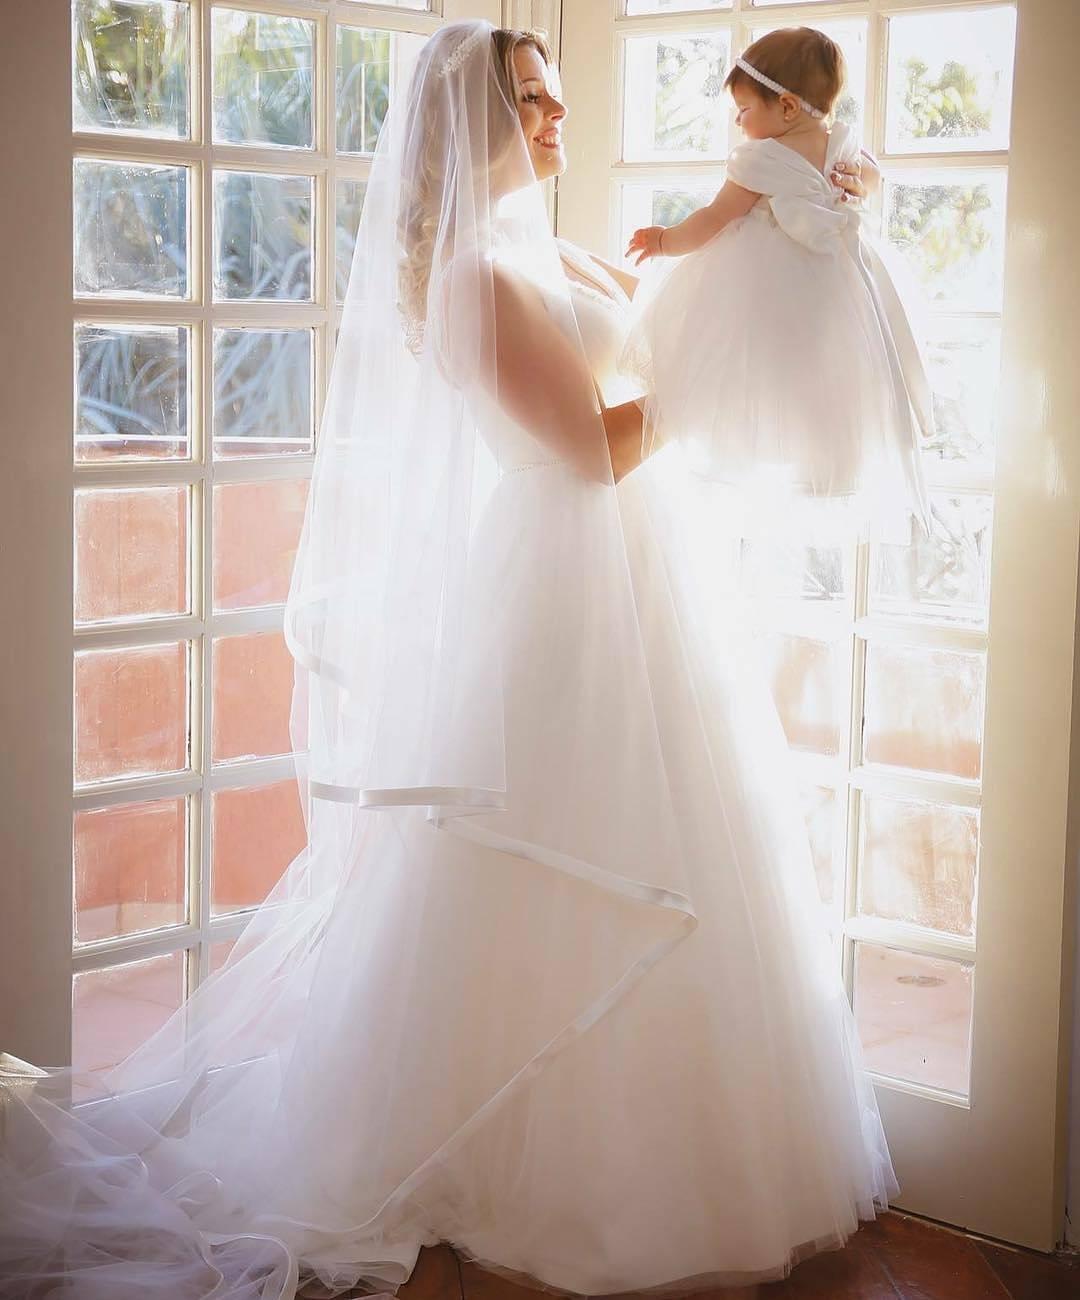 Vestido de noiva com saia de tule Nova Noiva